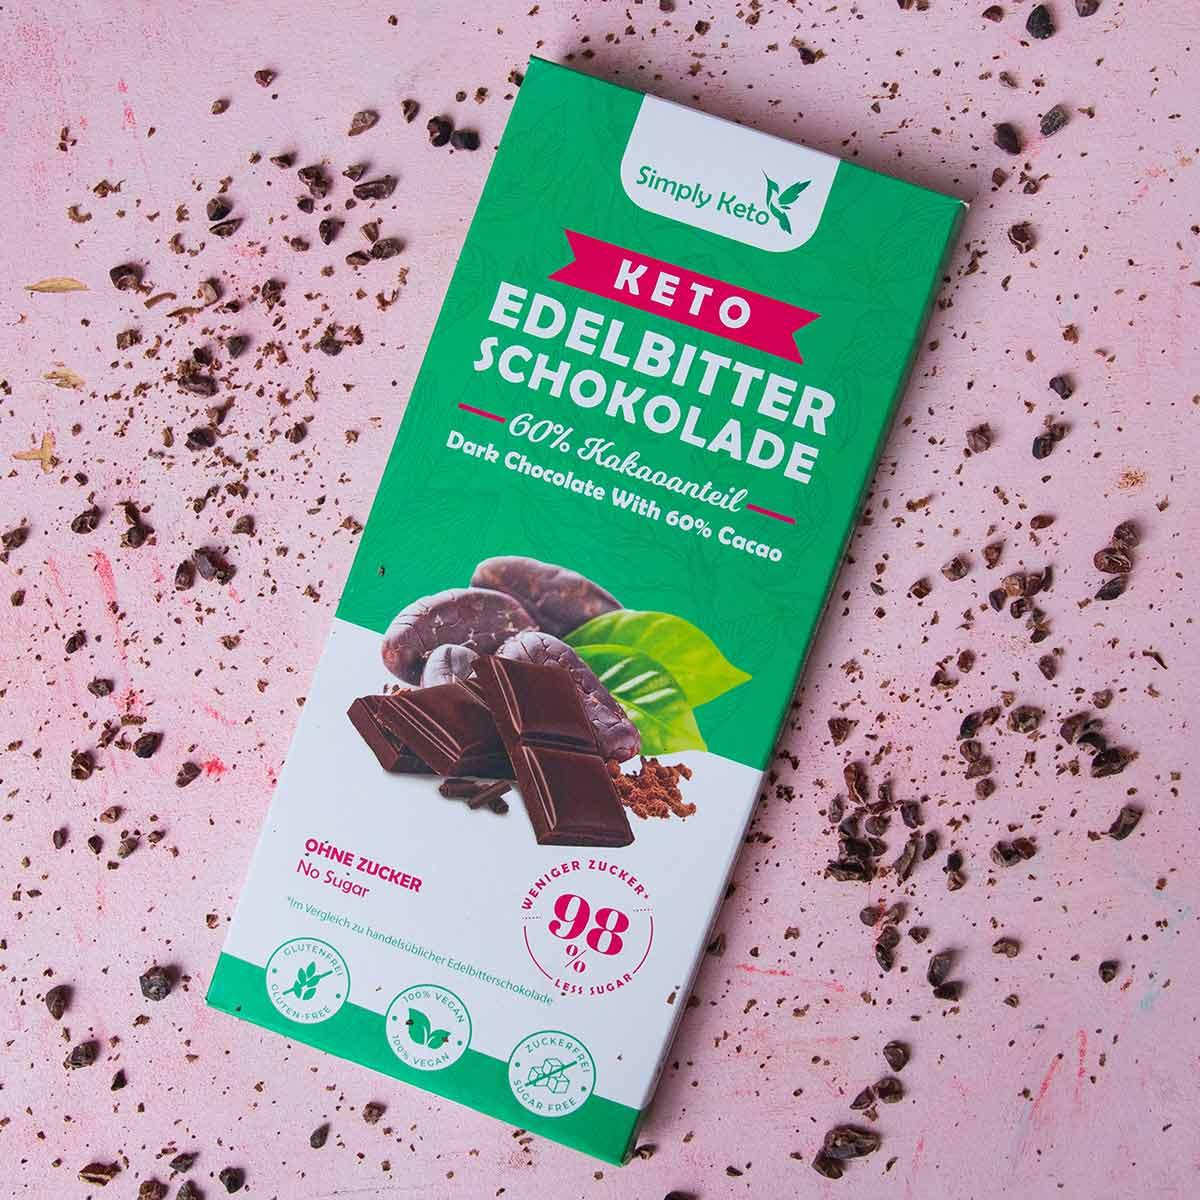 Keto Edelbitter Schokolade   8 Kakao